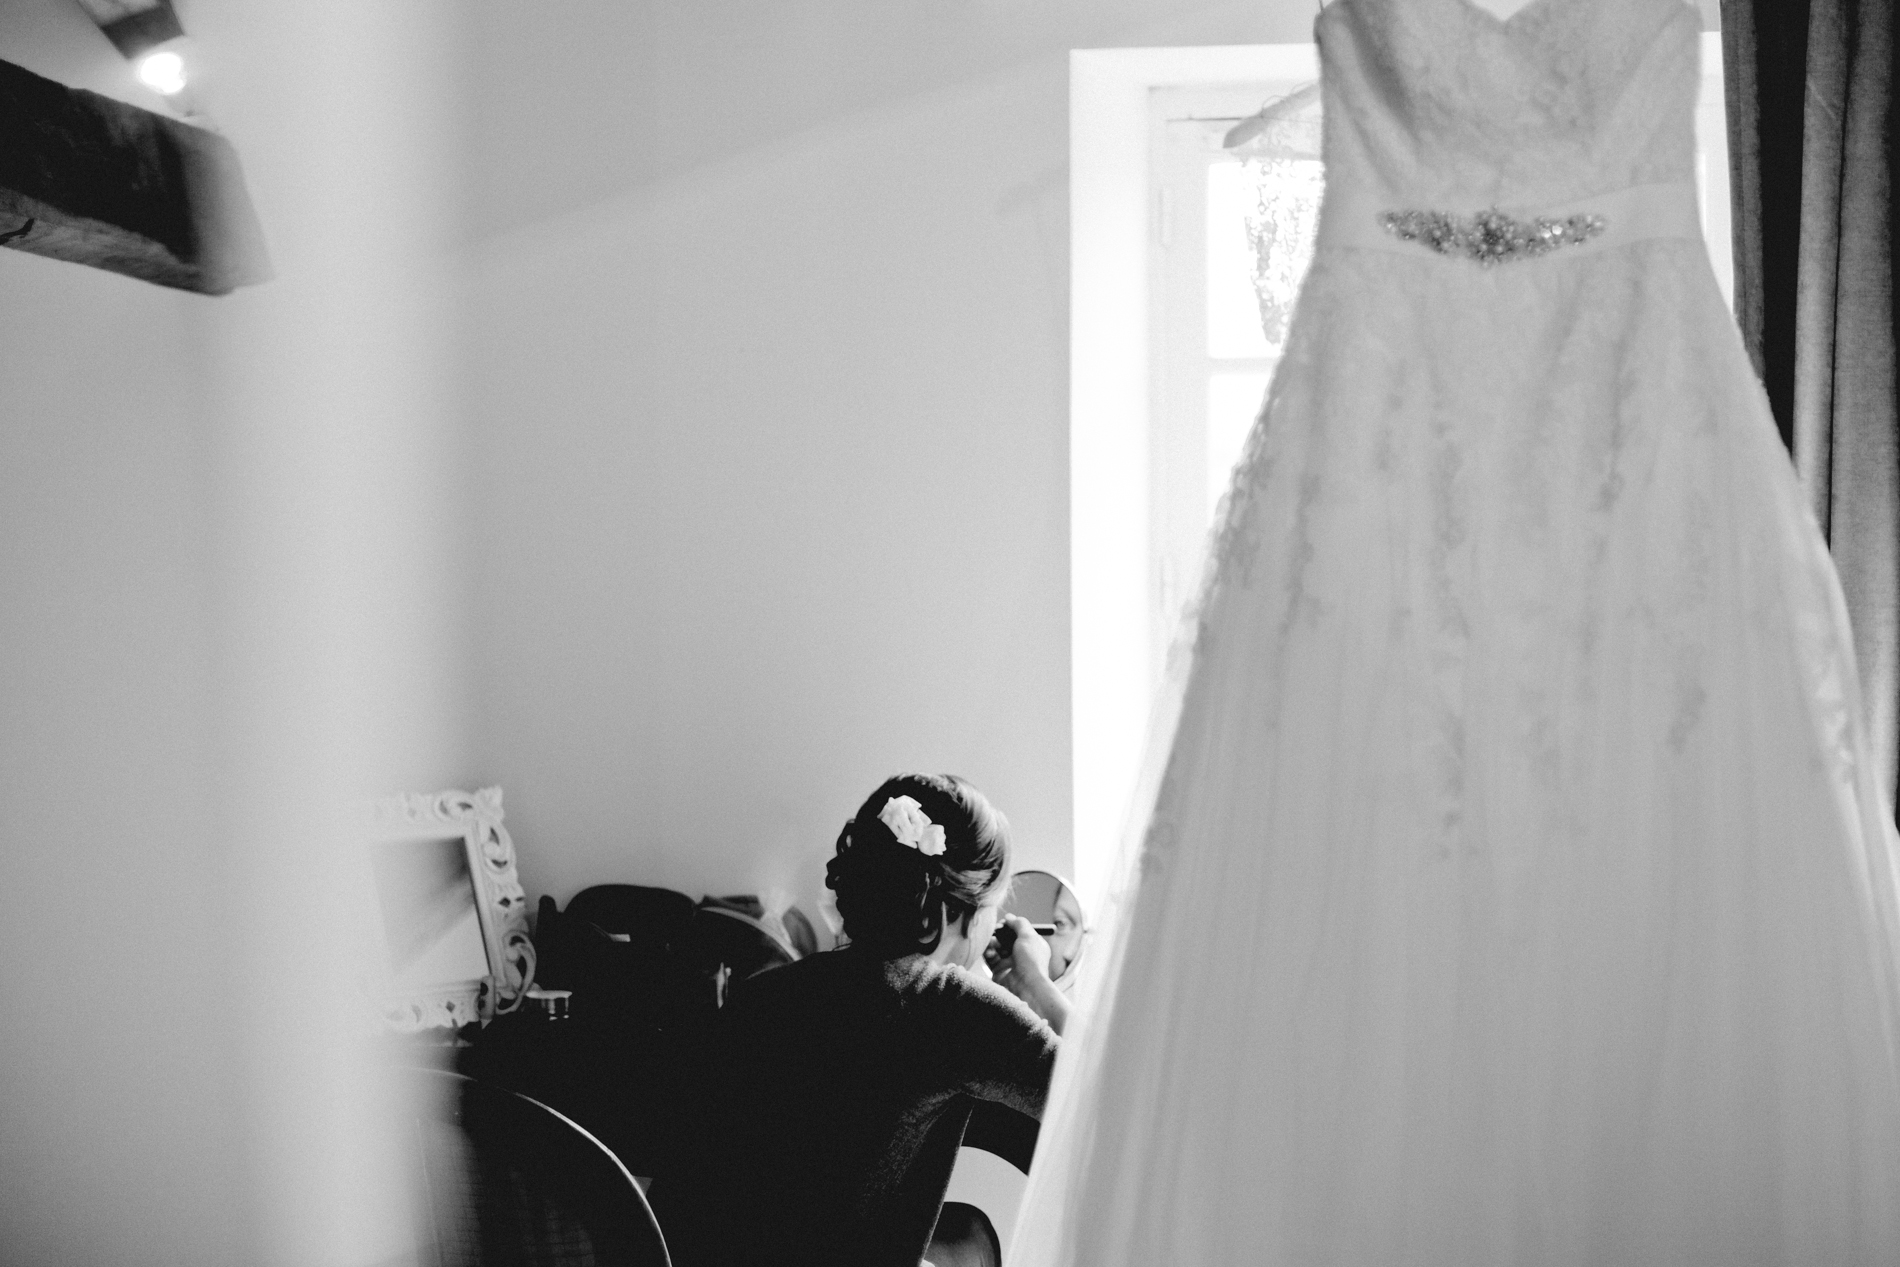 photographe-mariage-bretagne-maria-thomas-51